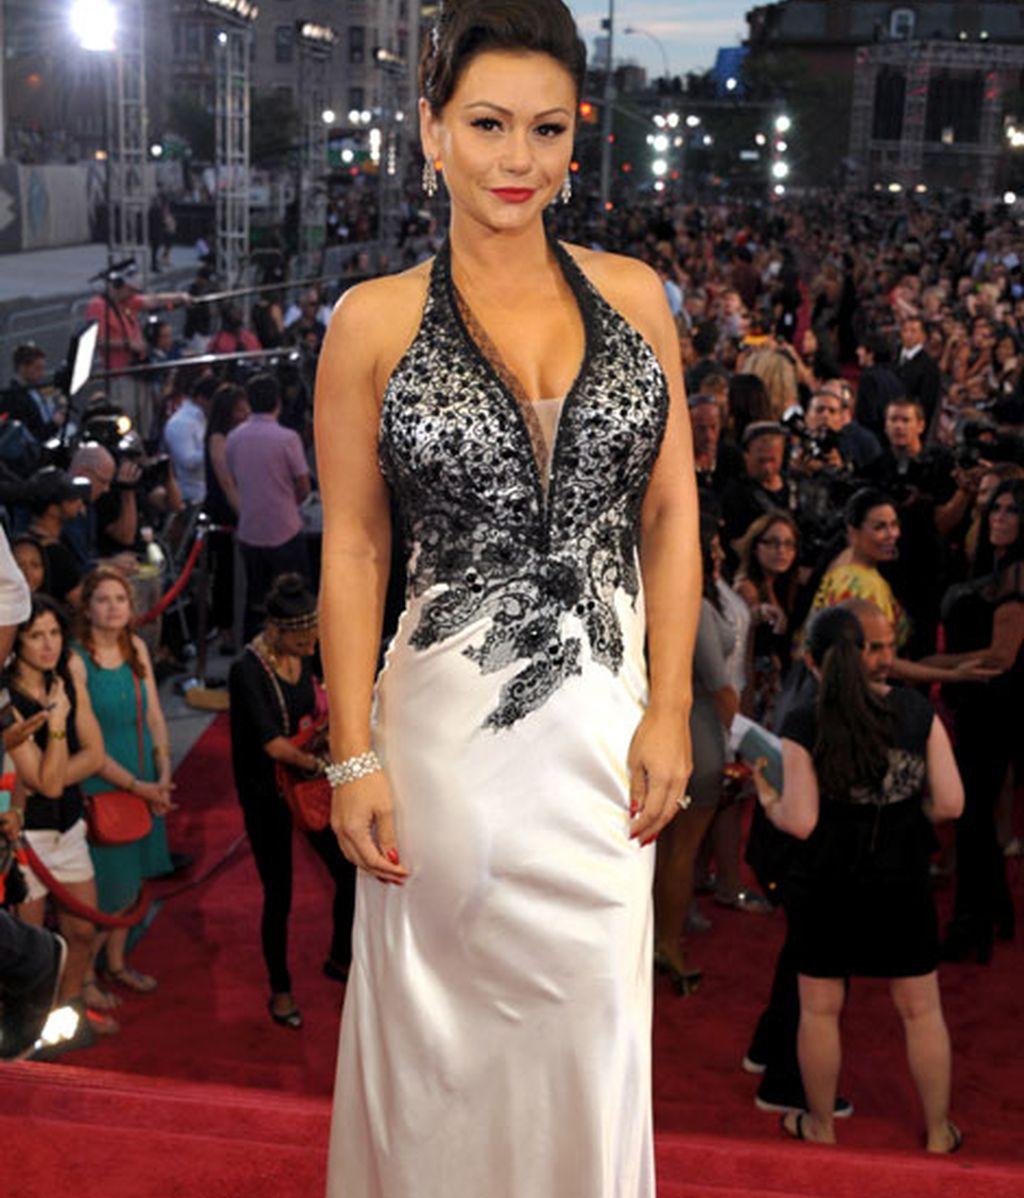 JWoow llevó un vestido blanco con detalles negros en el pecho